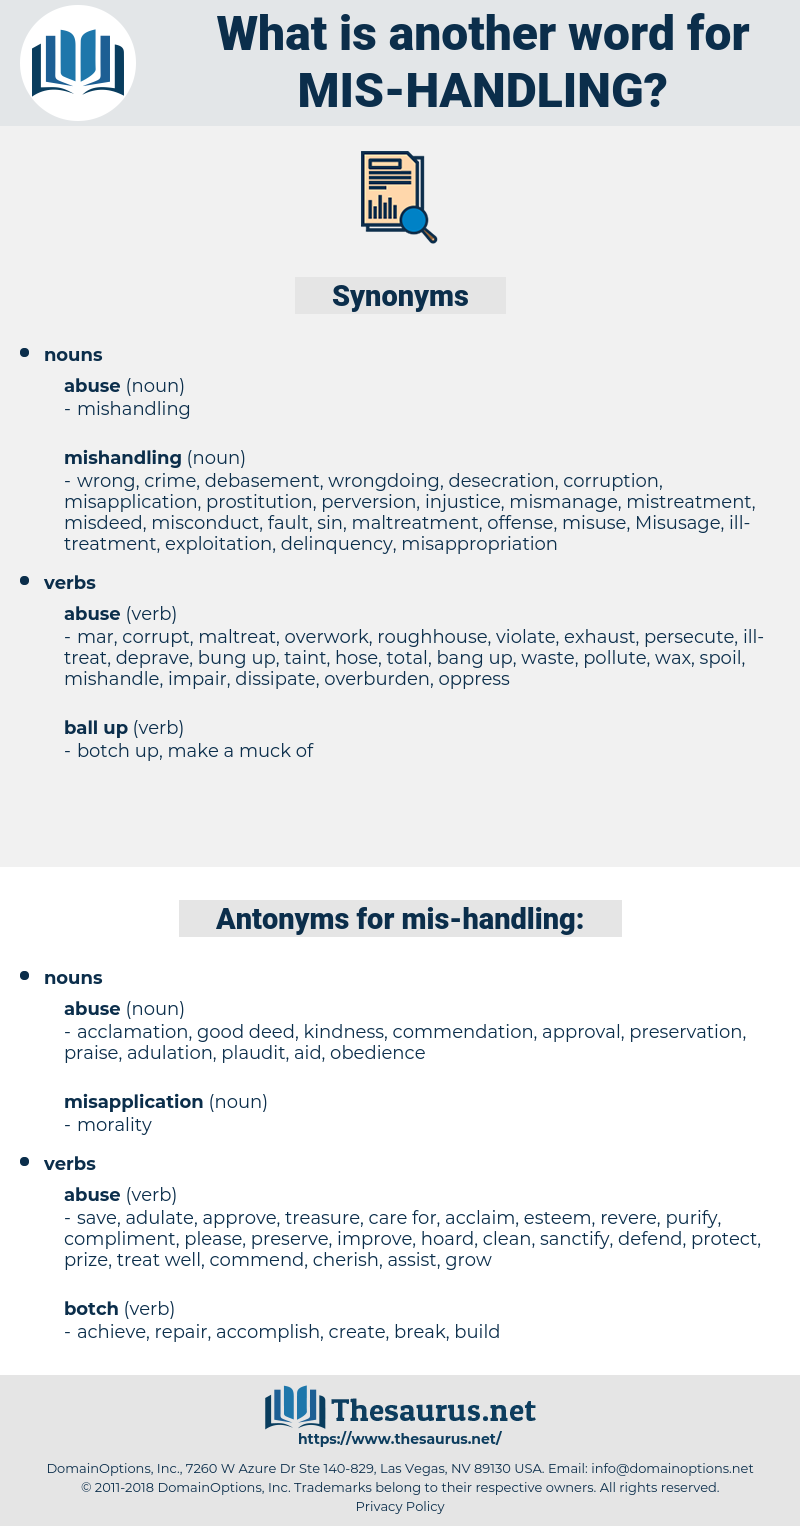 mis handling, synonym mis handling, another word for mis handling, words like mis handling, thesaurus mis handling